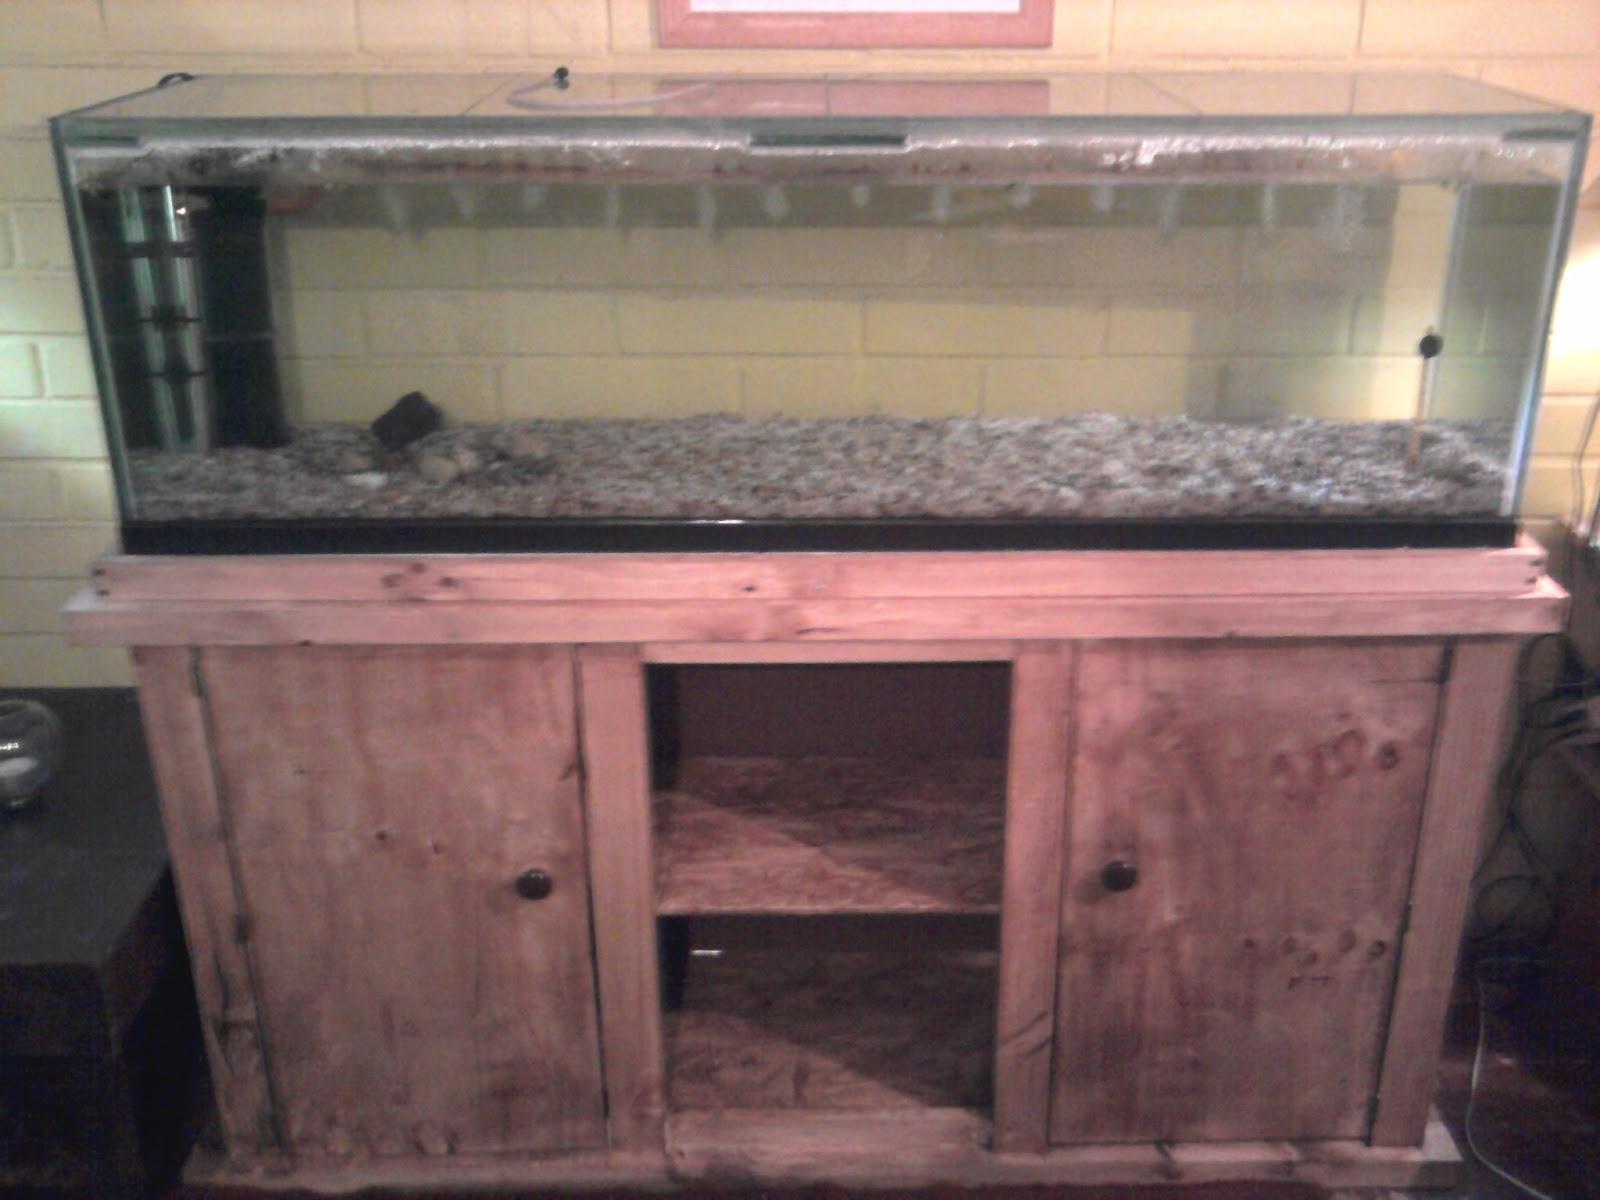 El taller del burro diy mueble para acuario proyectos for Mueble para acuario